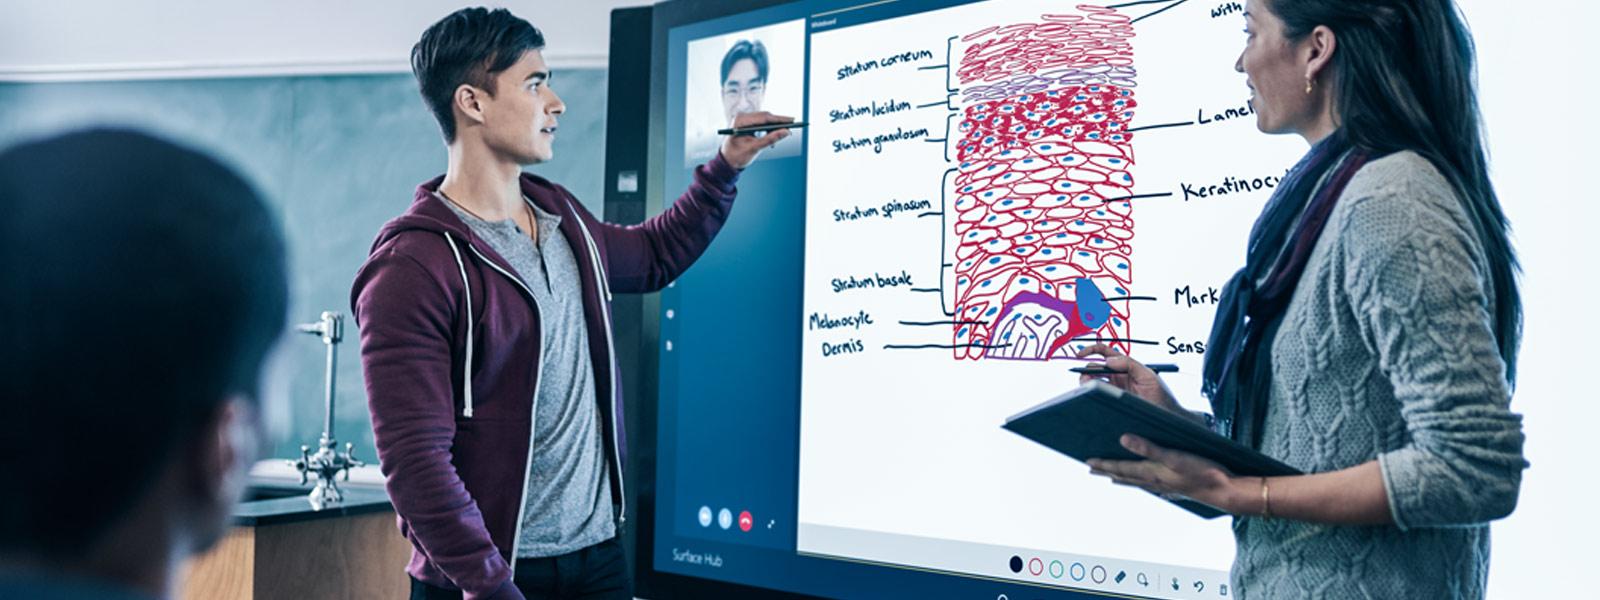 教室で 2 人の生徒が Surface Hub の画面上で Surface ペンを使って Skype と Microsoft Whiteboard を操作している。